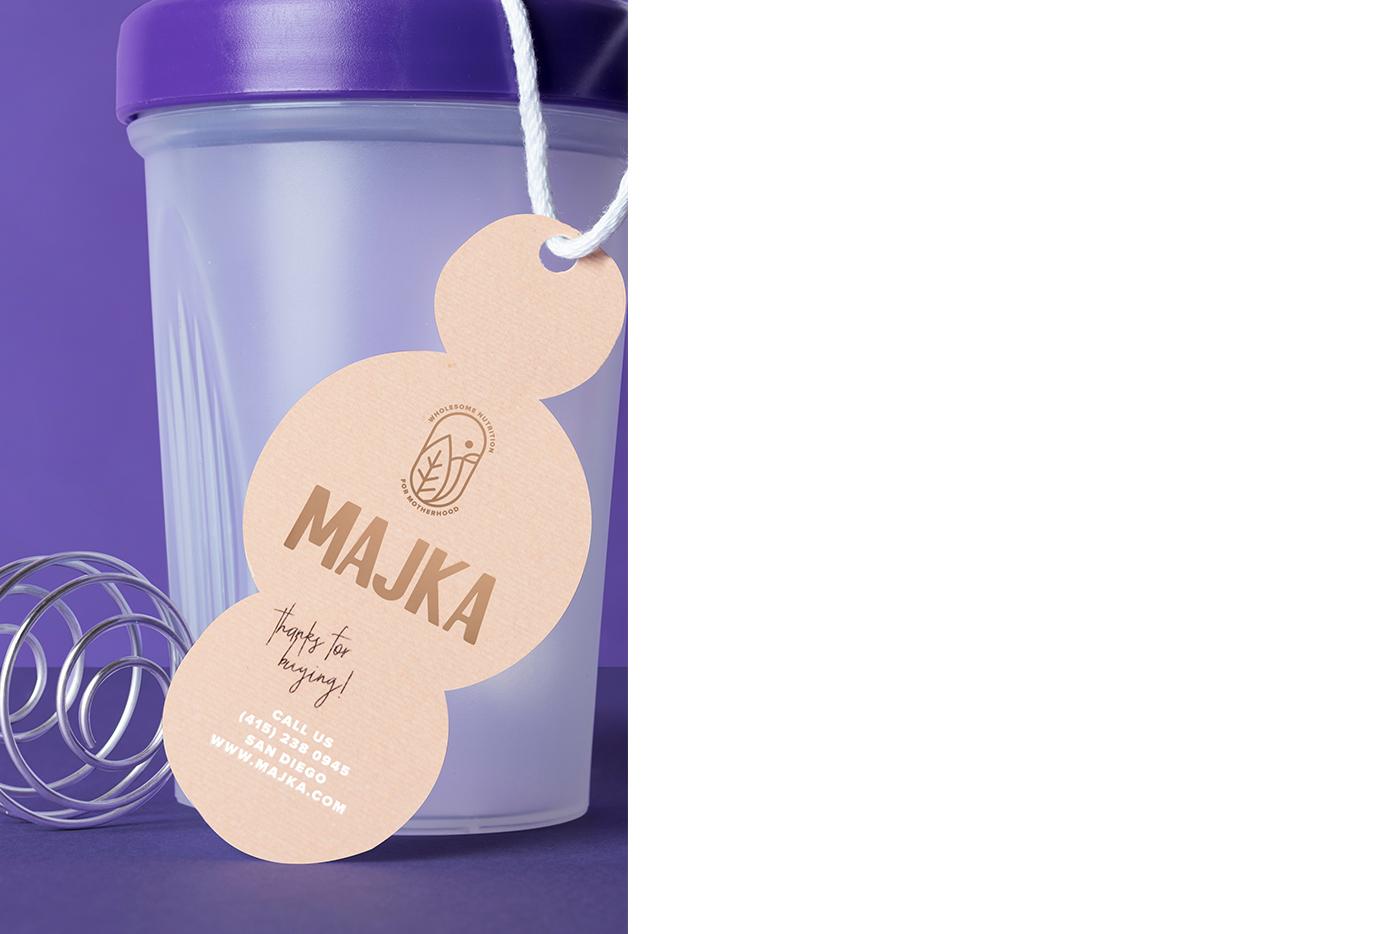 Majka 产品包装设计 欣赏-第17张